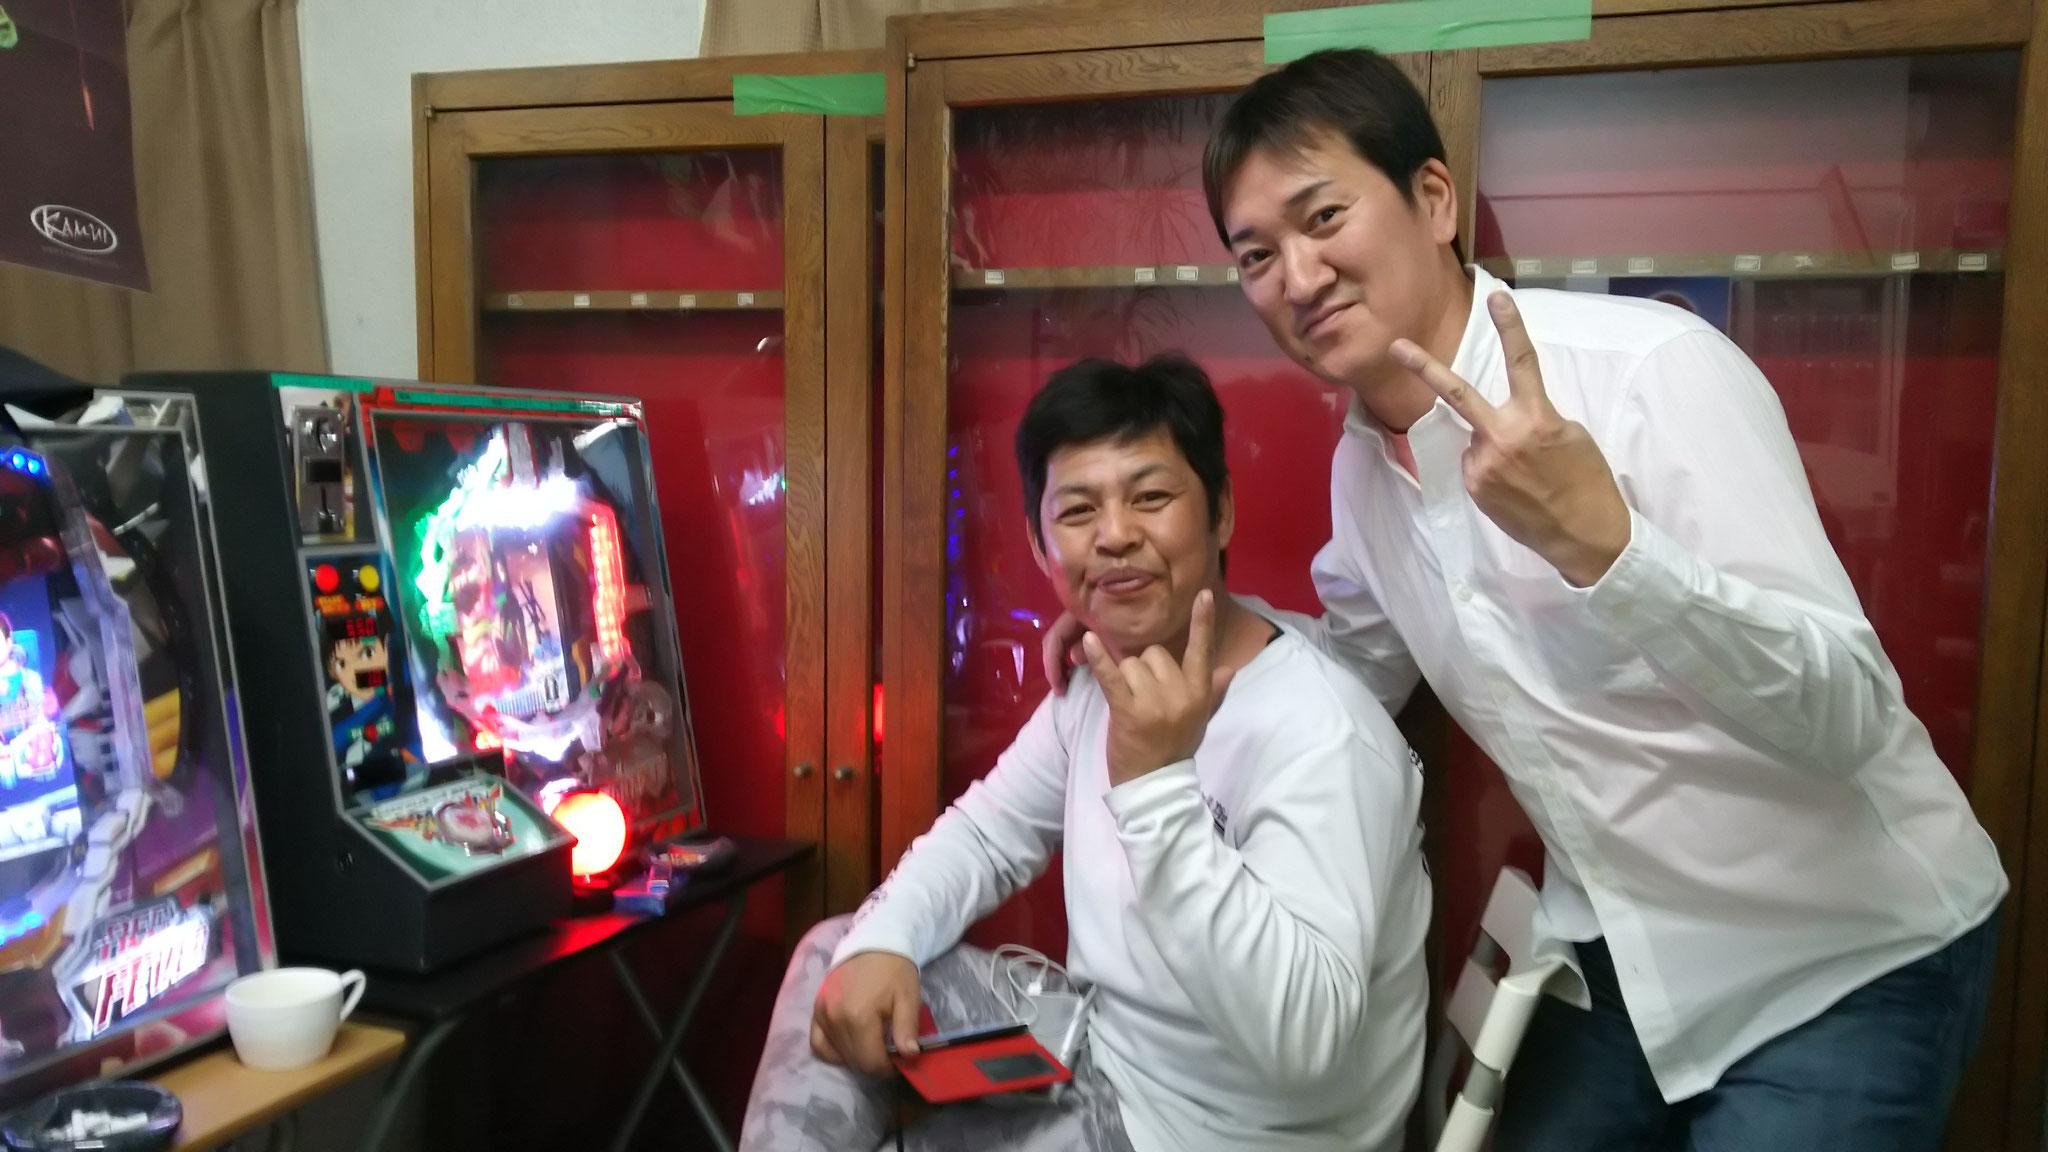 オーストラリアから(?)弘田プロと、フィリピンから(?)ぐっさん。こんなに仲良しだったー?(笑)